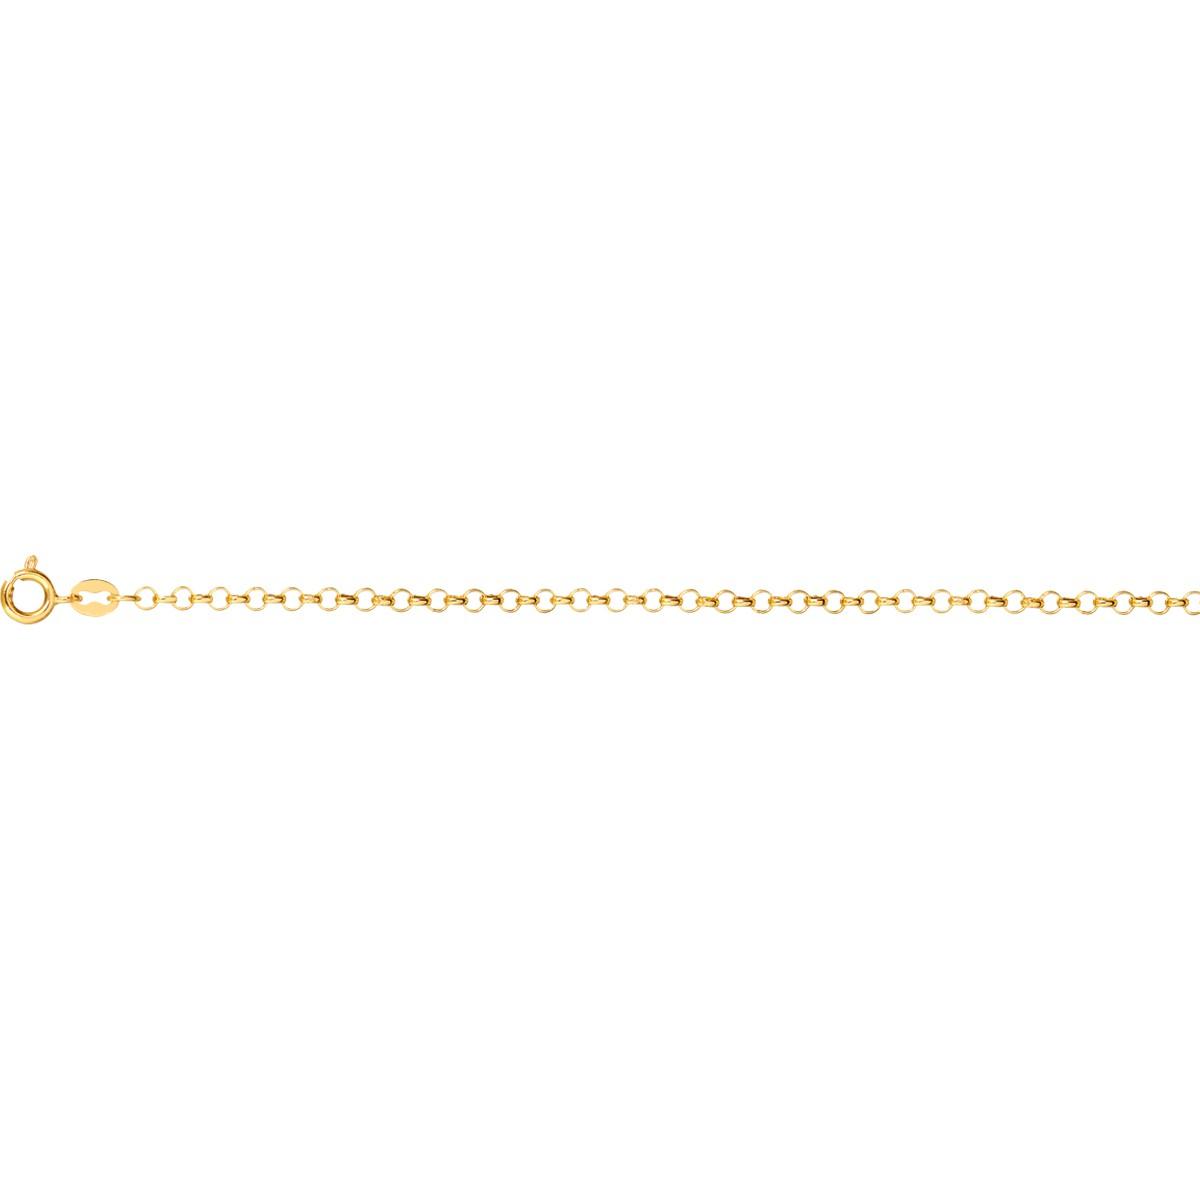 Pulseira Ouro 18K Elo Português 0,80g 18cm